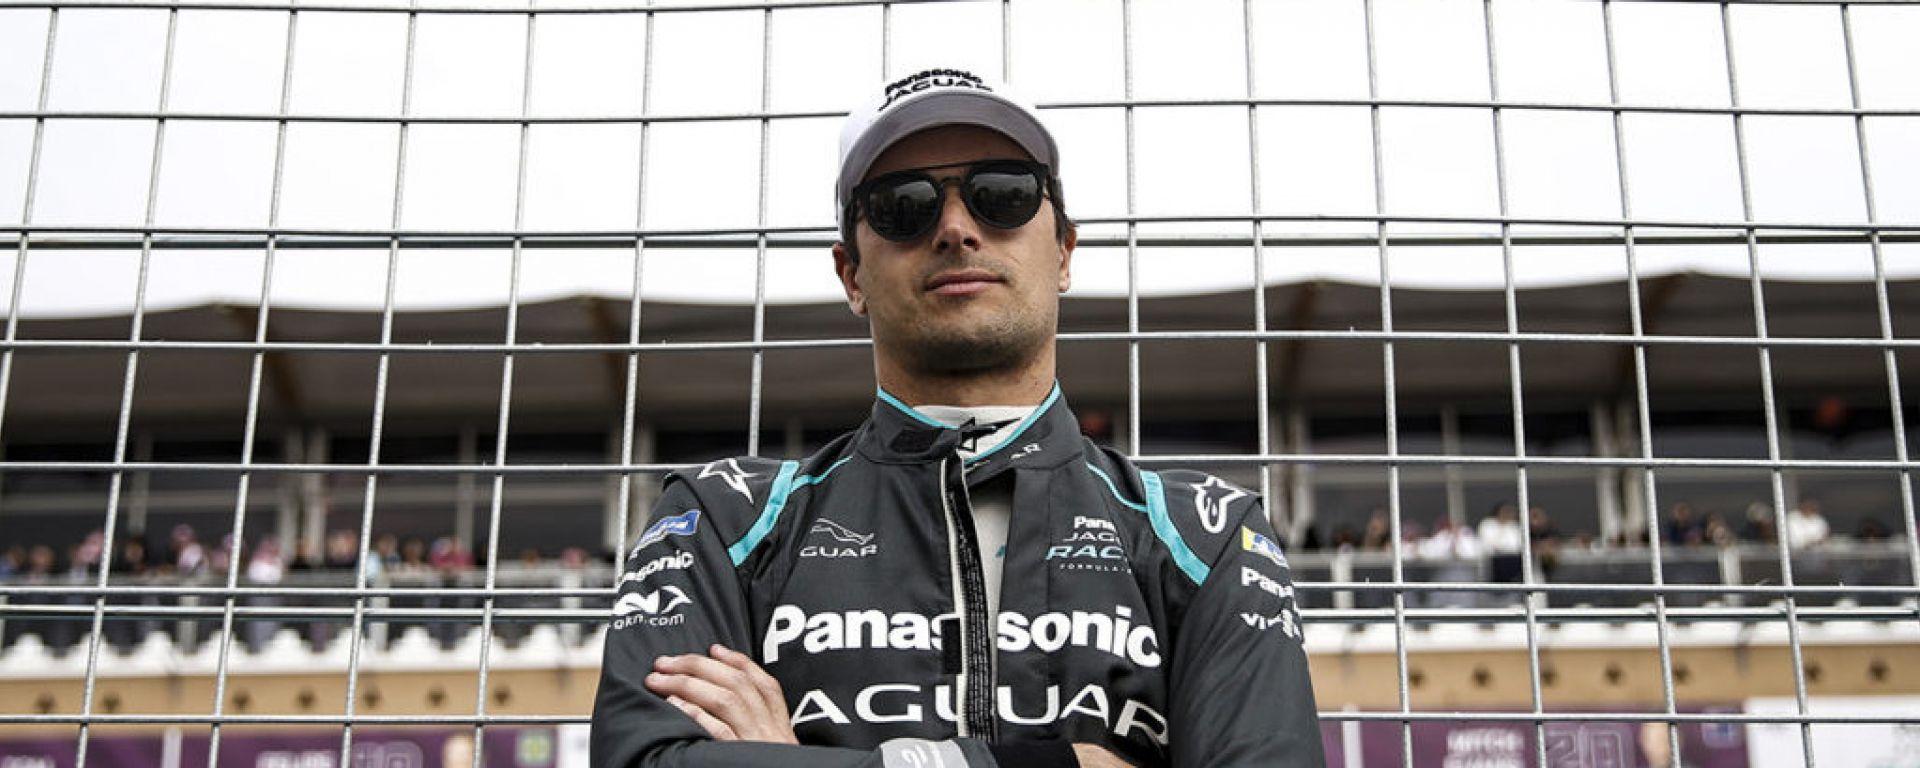 Nelson Piquet Jr, con il team Panasonic Jaguar nel 2018-19